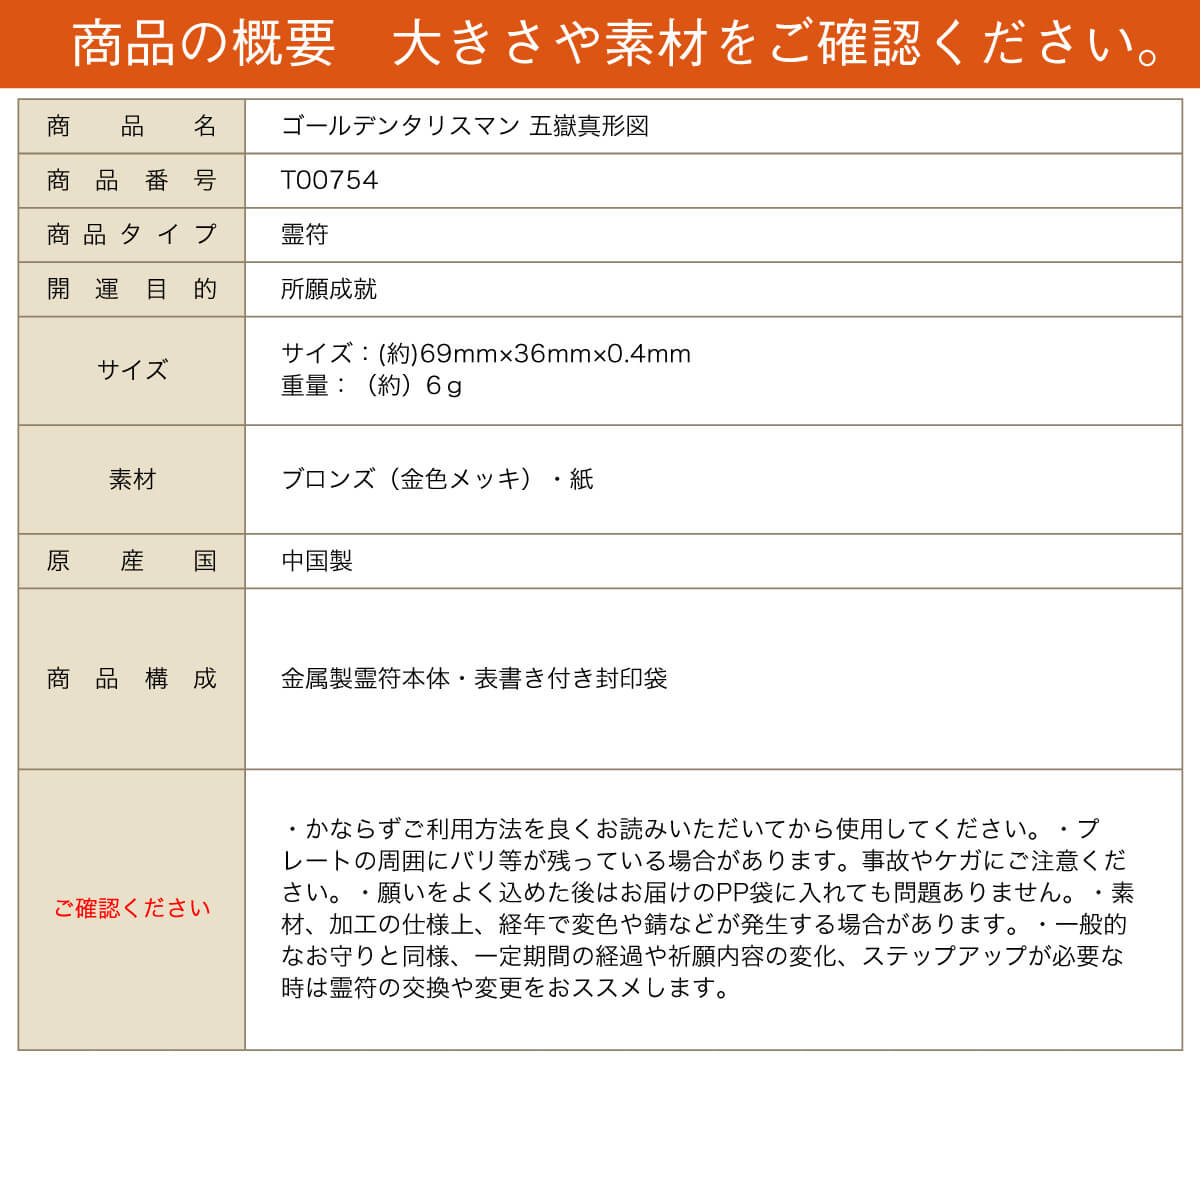 【霊符・御守】 ゴールデンタリスマン 五嶽真形図 ≫最強格の霊符